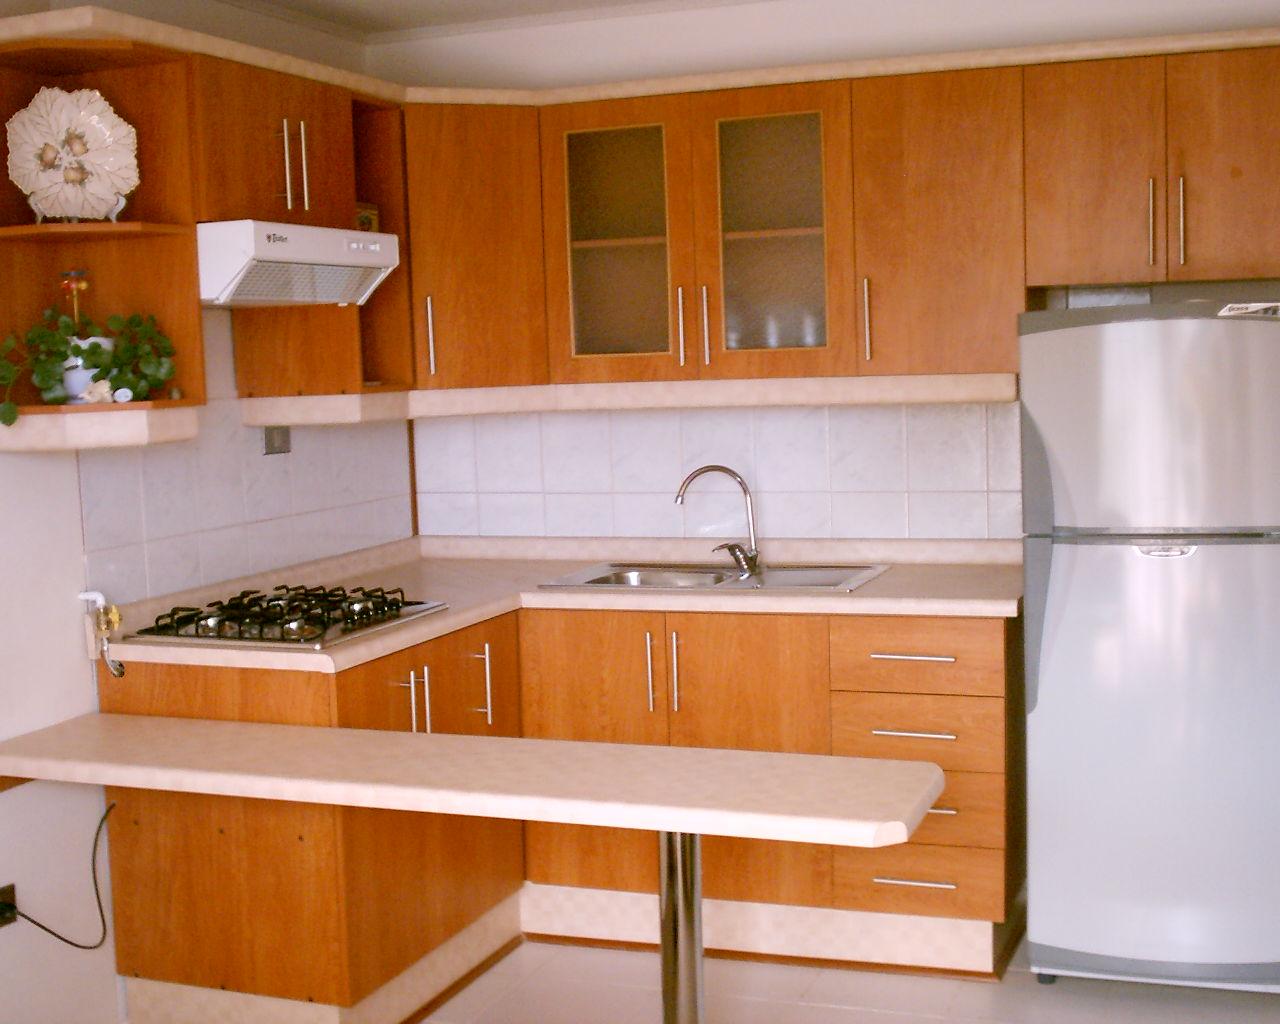 Modulo arte - Muebles para cocina pequena ...